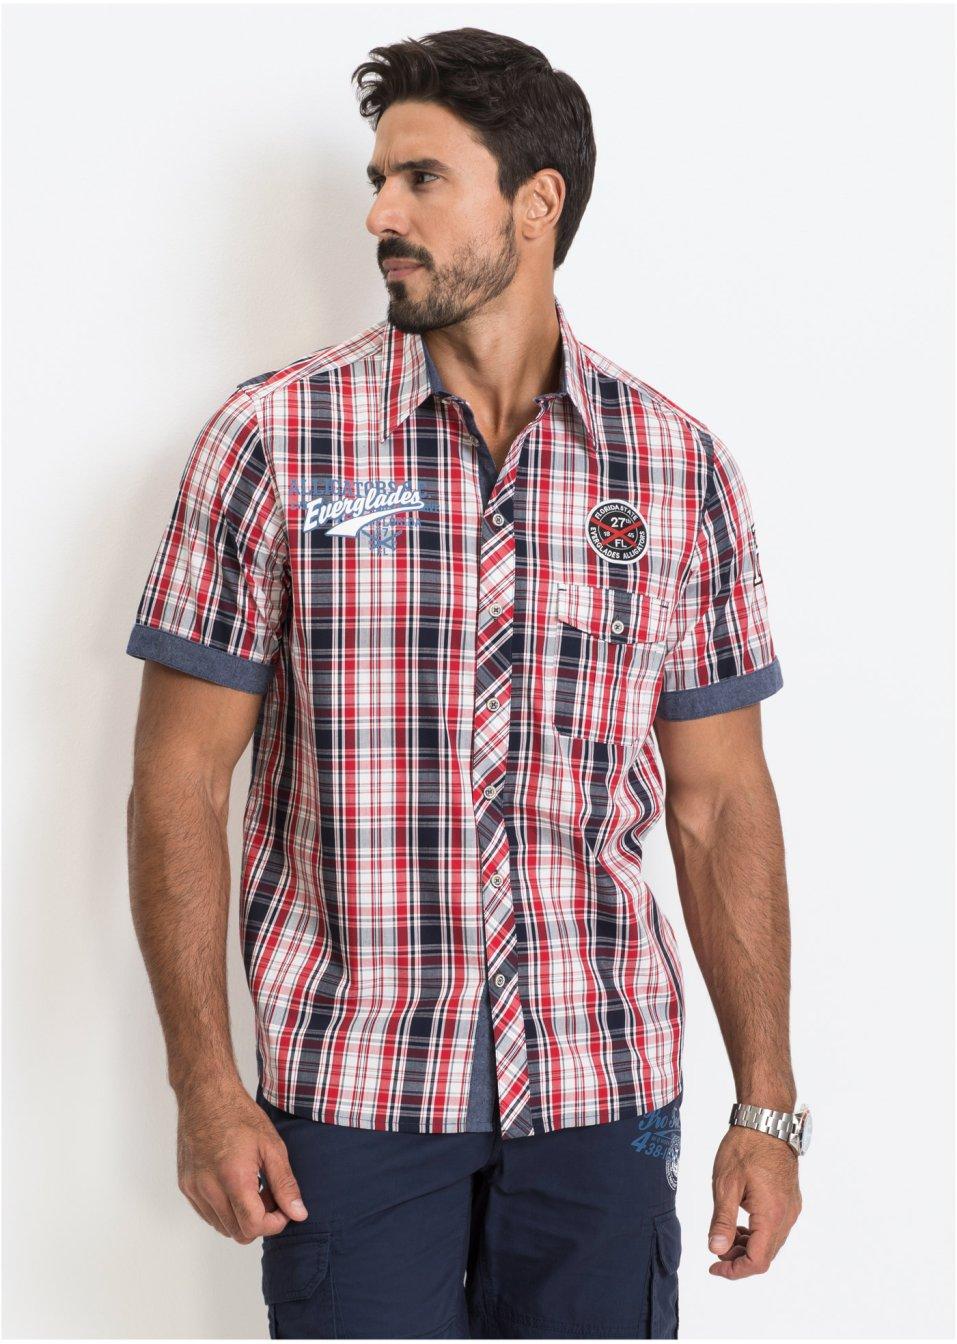 Kostkovaná košile s krátkým rukávem červená kostka - Muž - bonprix.cz ed9eee519b